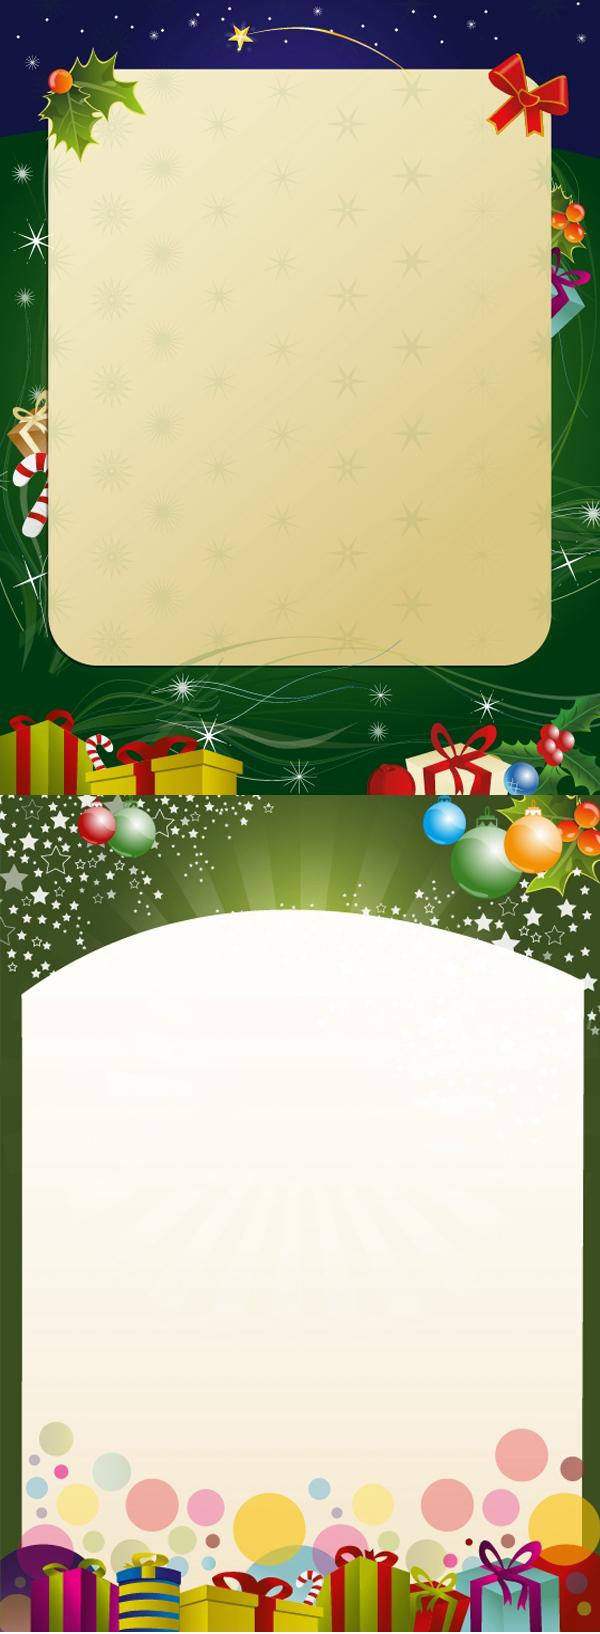 ppt 背景 背景图片 边框 模板 设计 素材 相框 600_1634 竖版 竖屏